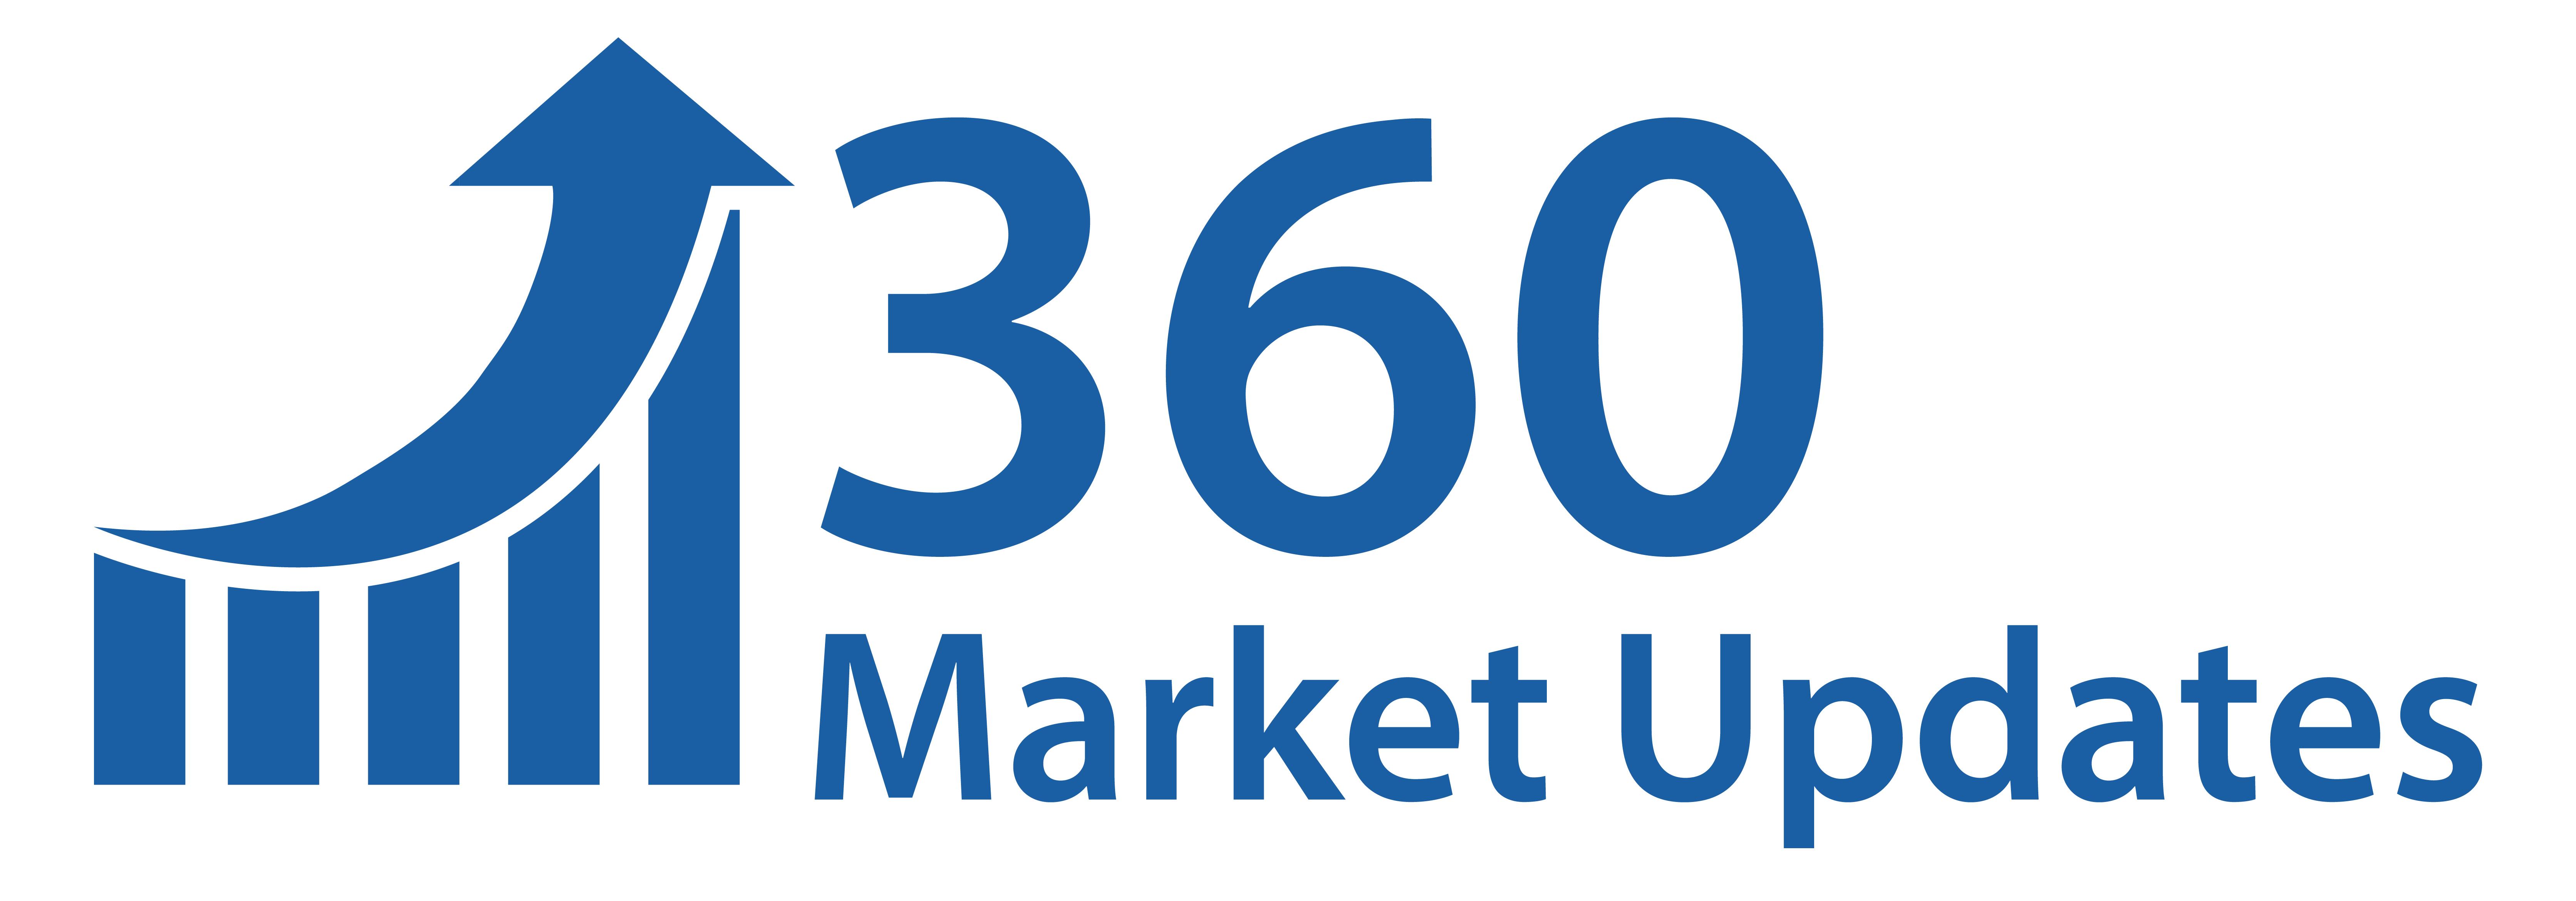 Altretamin Markt 2020: Nach Aktie, Anwendung, Leading Players Update, Region, Marktschätzung, Projektökonomie, Preisanalyse, Chancen und Prognose 2026